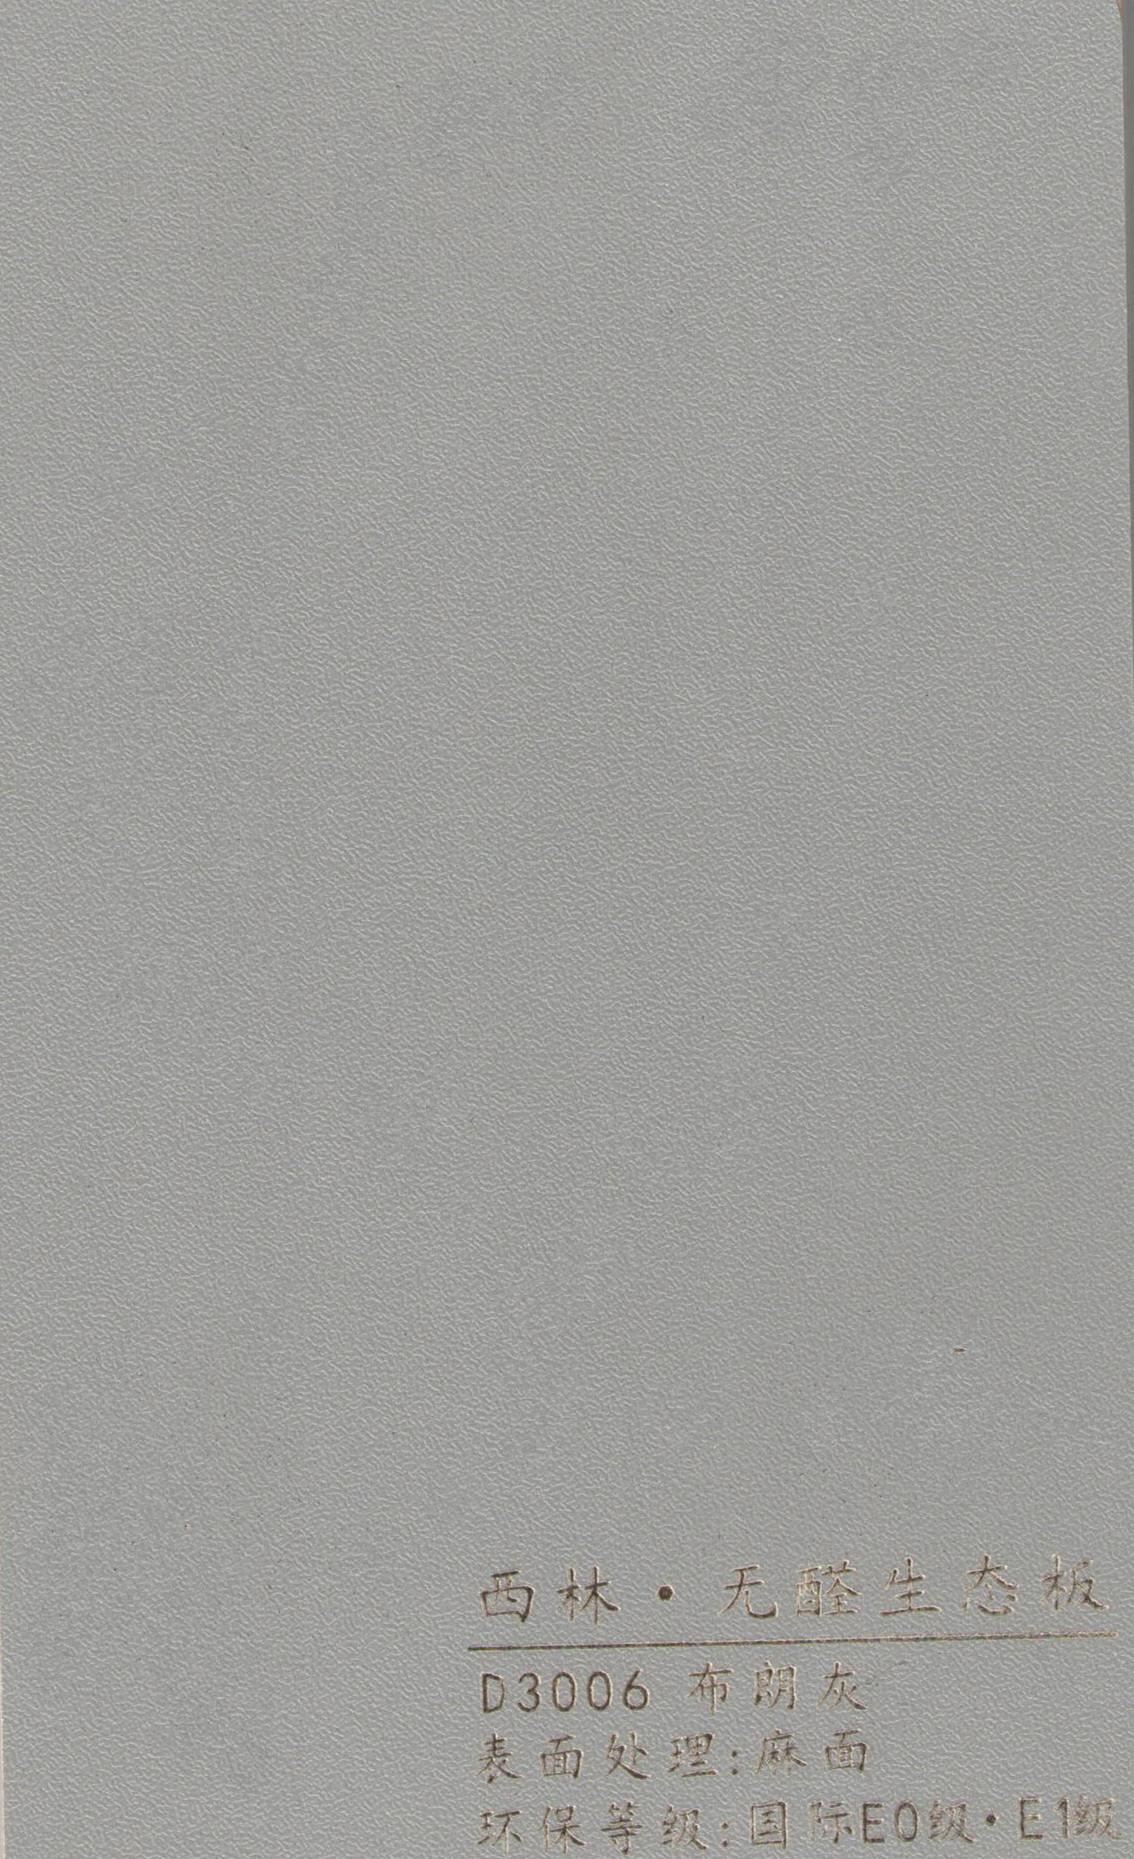 西林 D3006布朗灰